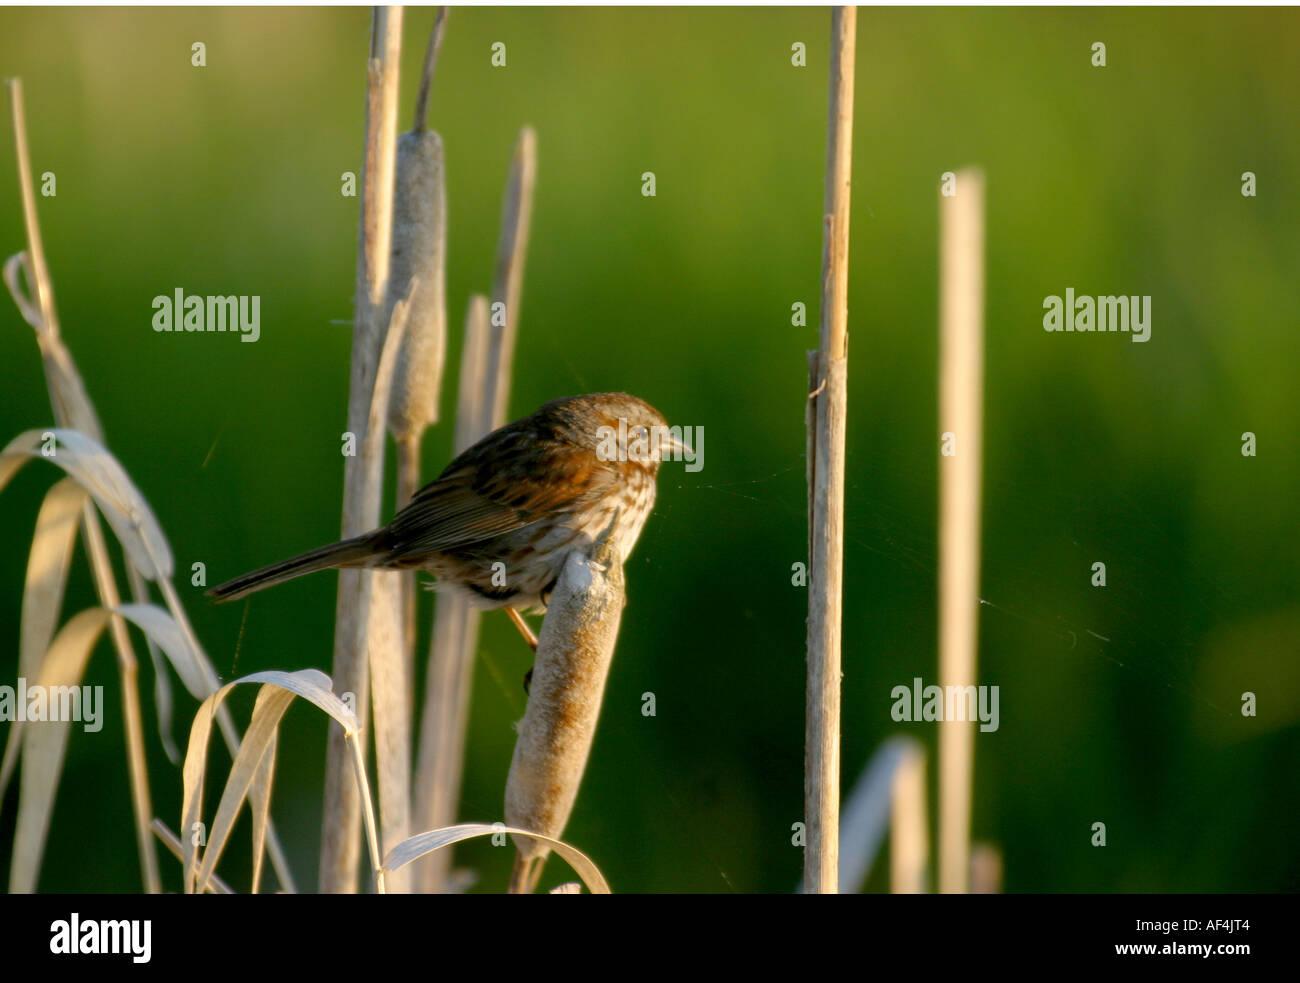 Birds of North America, Alberta Canada, song sparrow